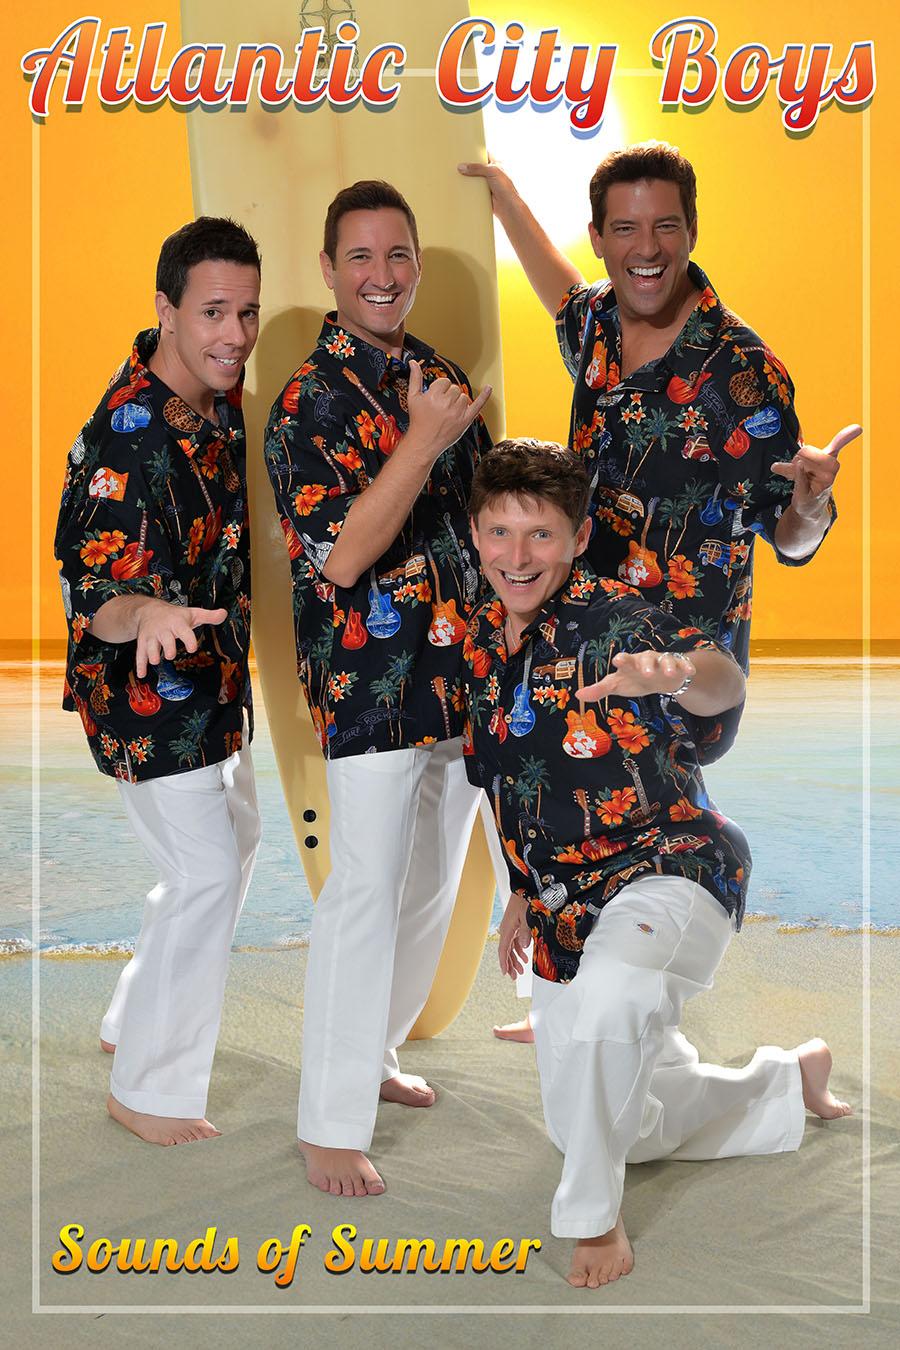 Atlantic City Boys - Beach Boys